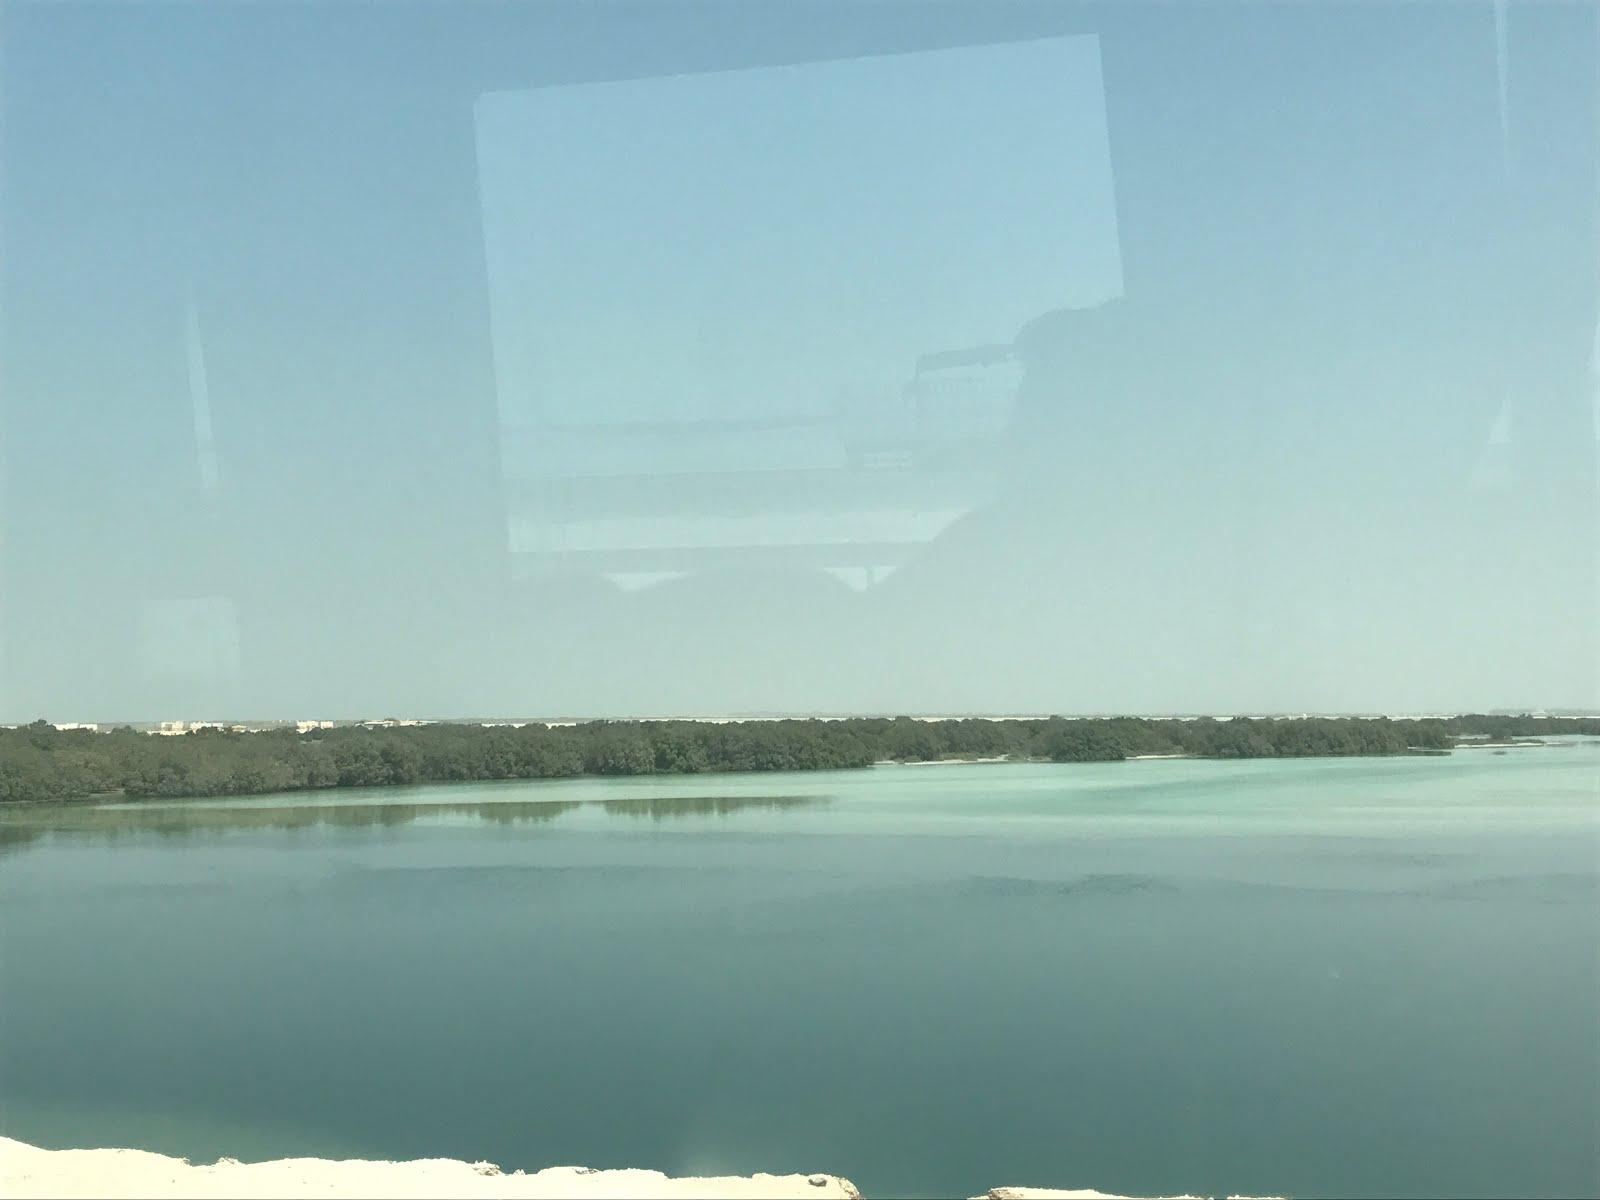 Abu Dabi manzaraları. İlk olarak görülmeye değer nedir